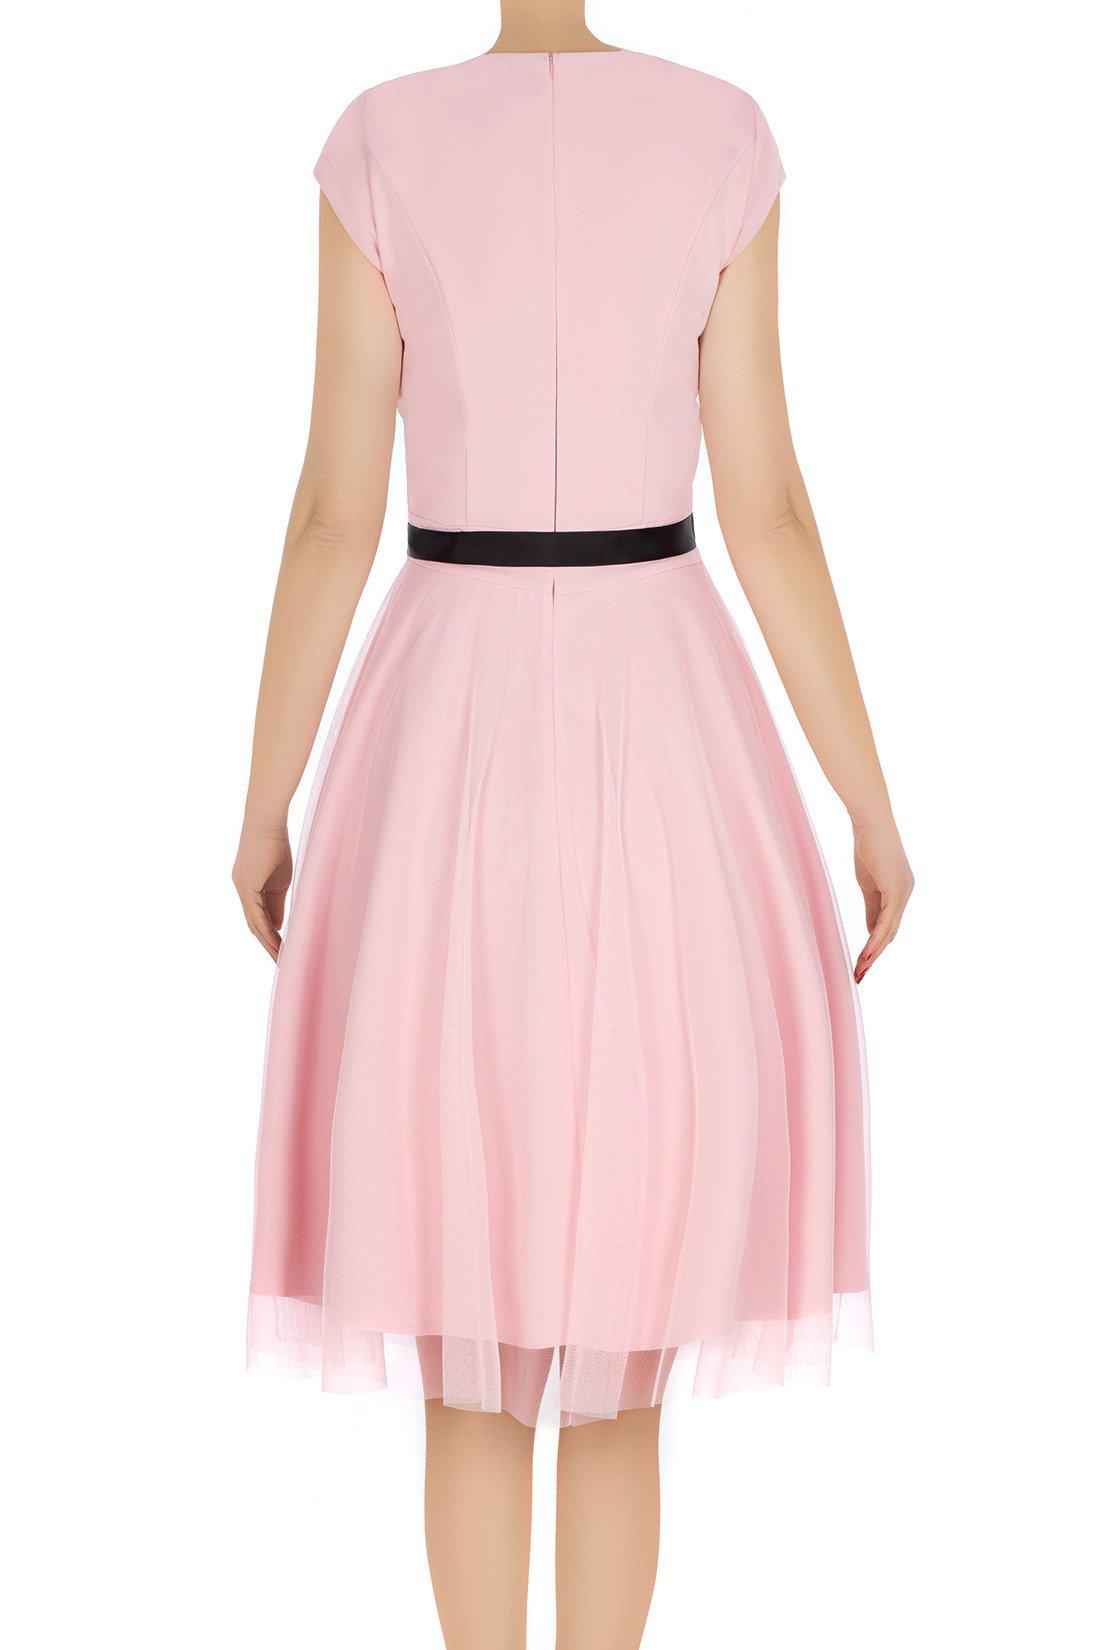 c6324af1f0 ... Elegancka sukienka damska Feero pudrowy róż z paskiem 3225 Kliknij